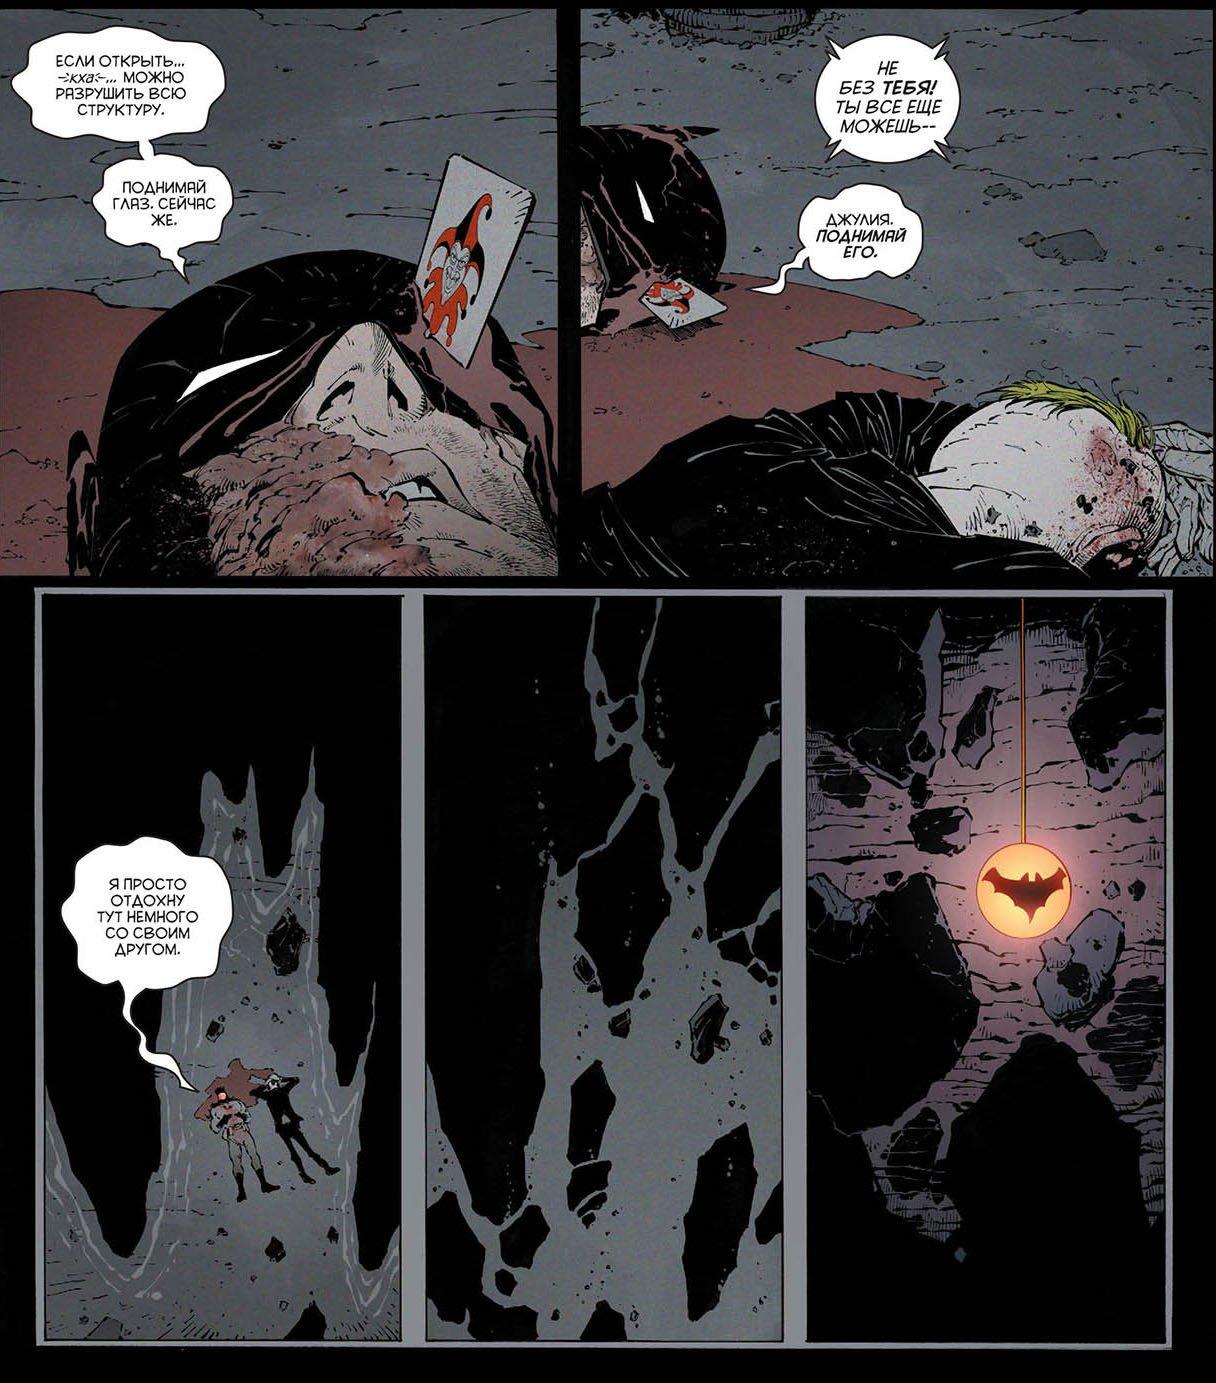 Новый Бетмен. - Изображение 1